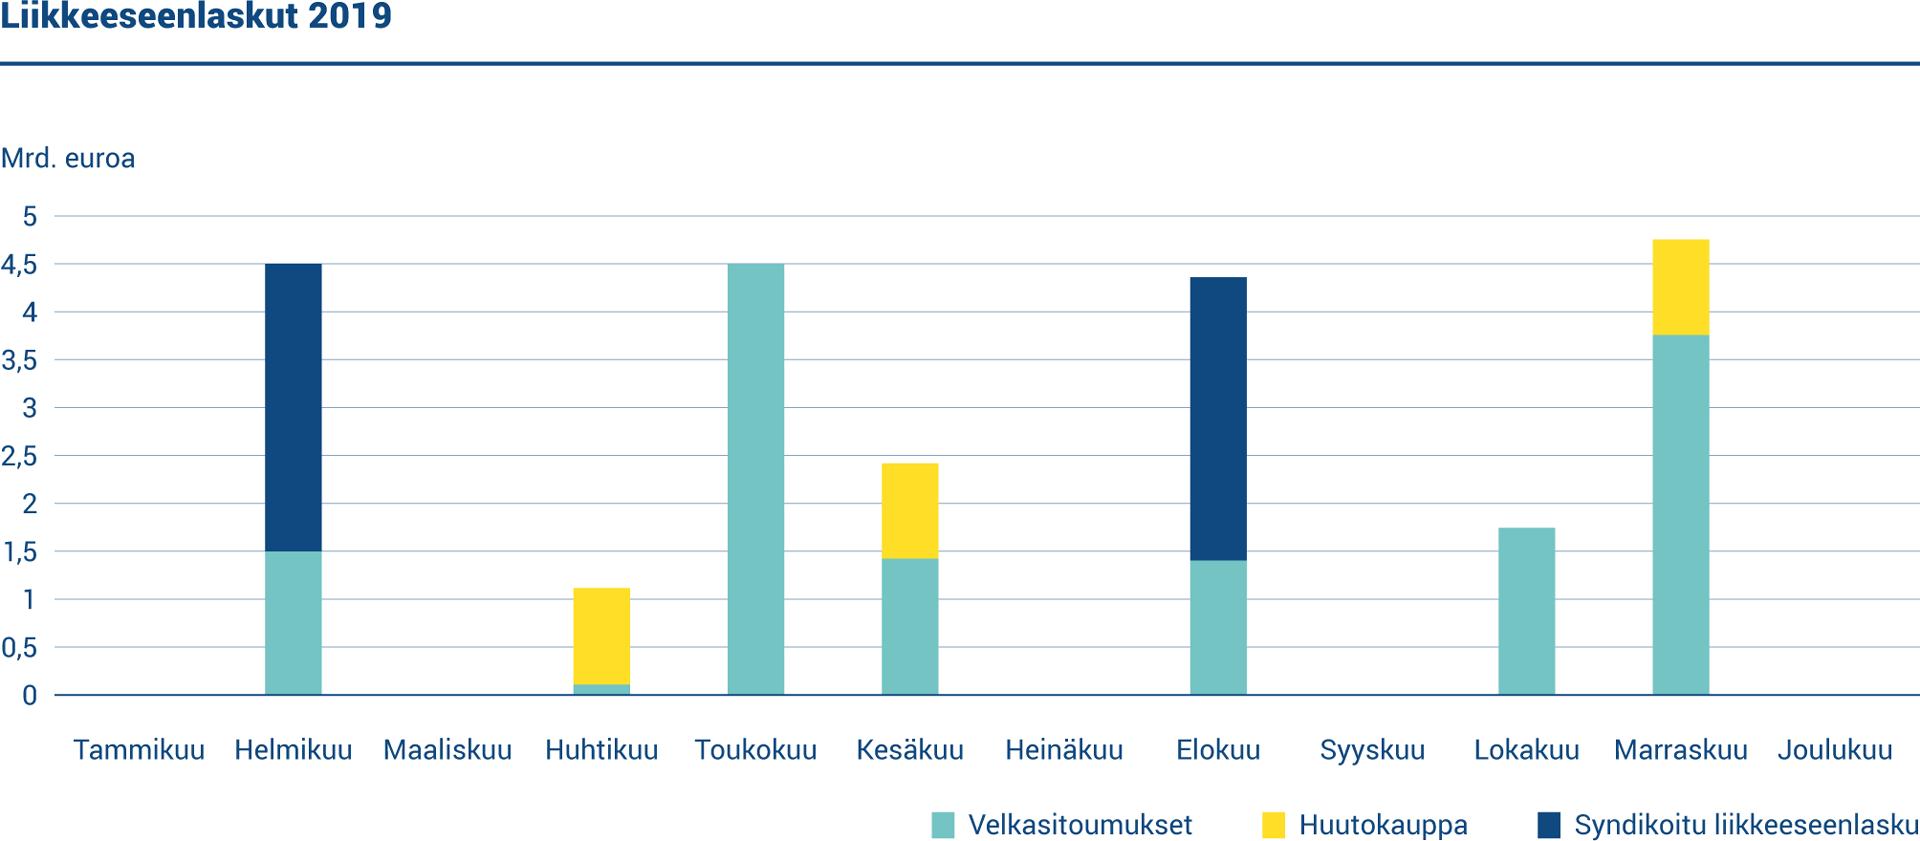 Kaaviossa esitetään liikkeeseenlaskut vuonna 2019. Suomi laski liikkeeseen kaksi uutta euromääräistä viitelainaa ja järjesti kolme viitelainahuutokauppaa. Lyhytaikainen rahoitus toteutettiin laskemalla liikkeeseen valtion velkasitoumuksia.